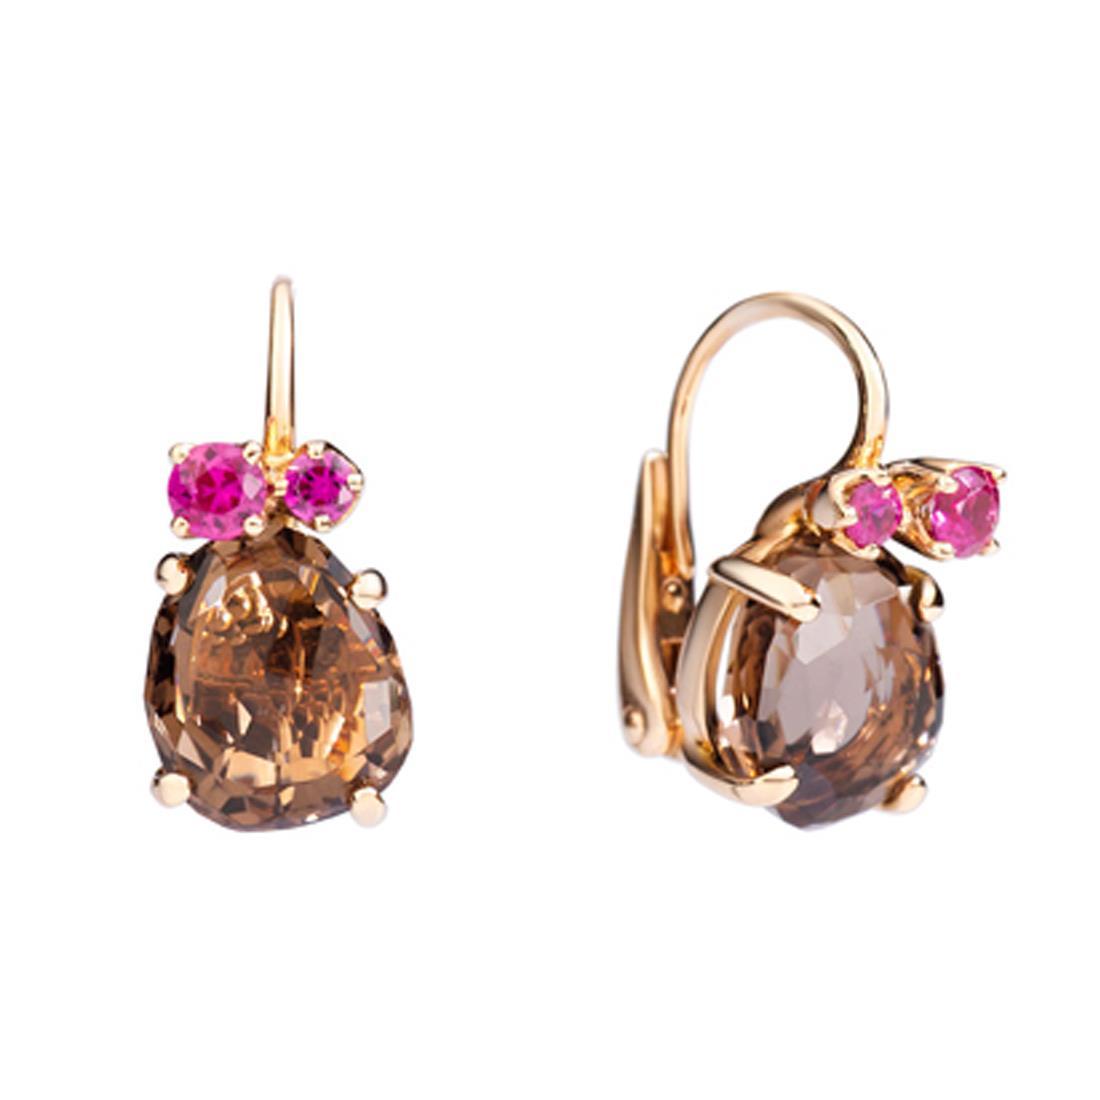 Orecchini in oro rosa con pietre preziose - POMELLATO